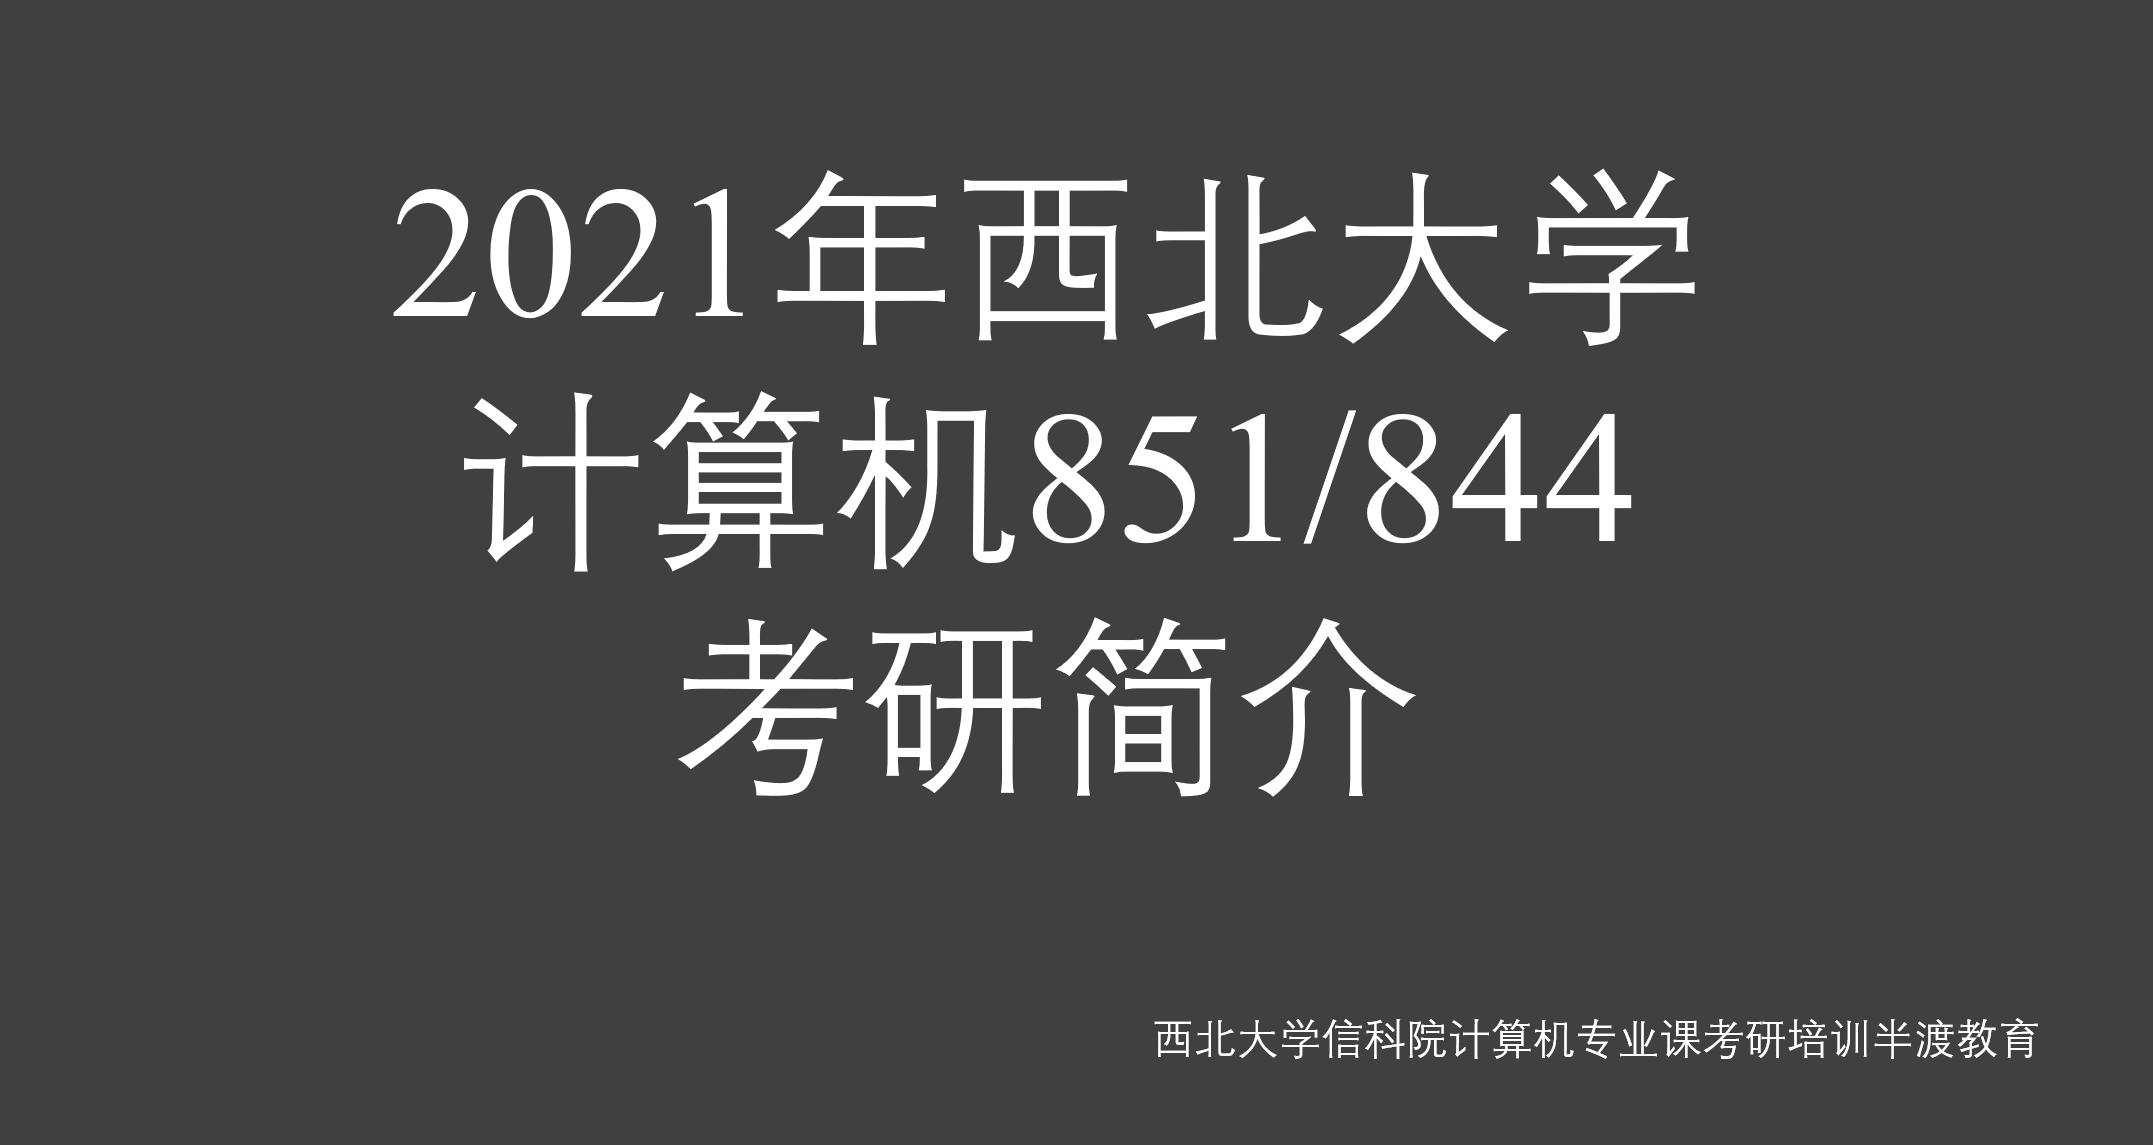 西北大学计算机考研851/844考研简介